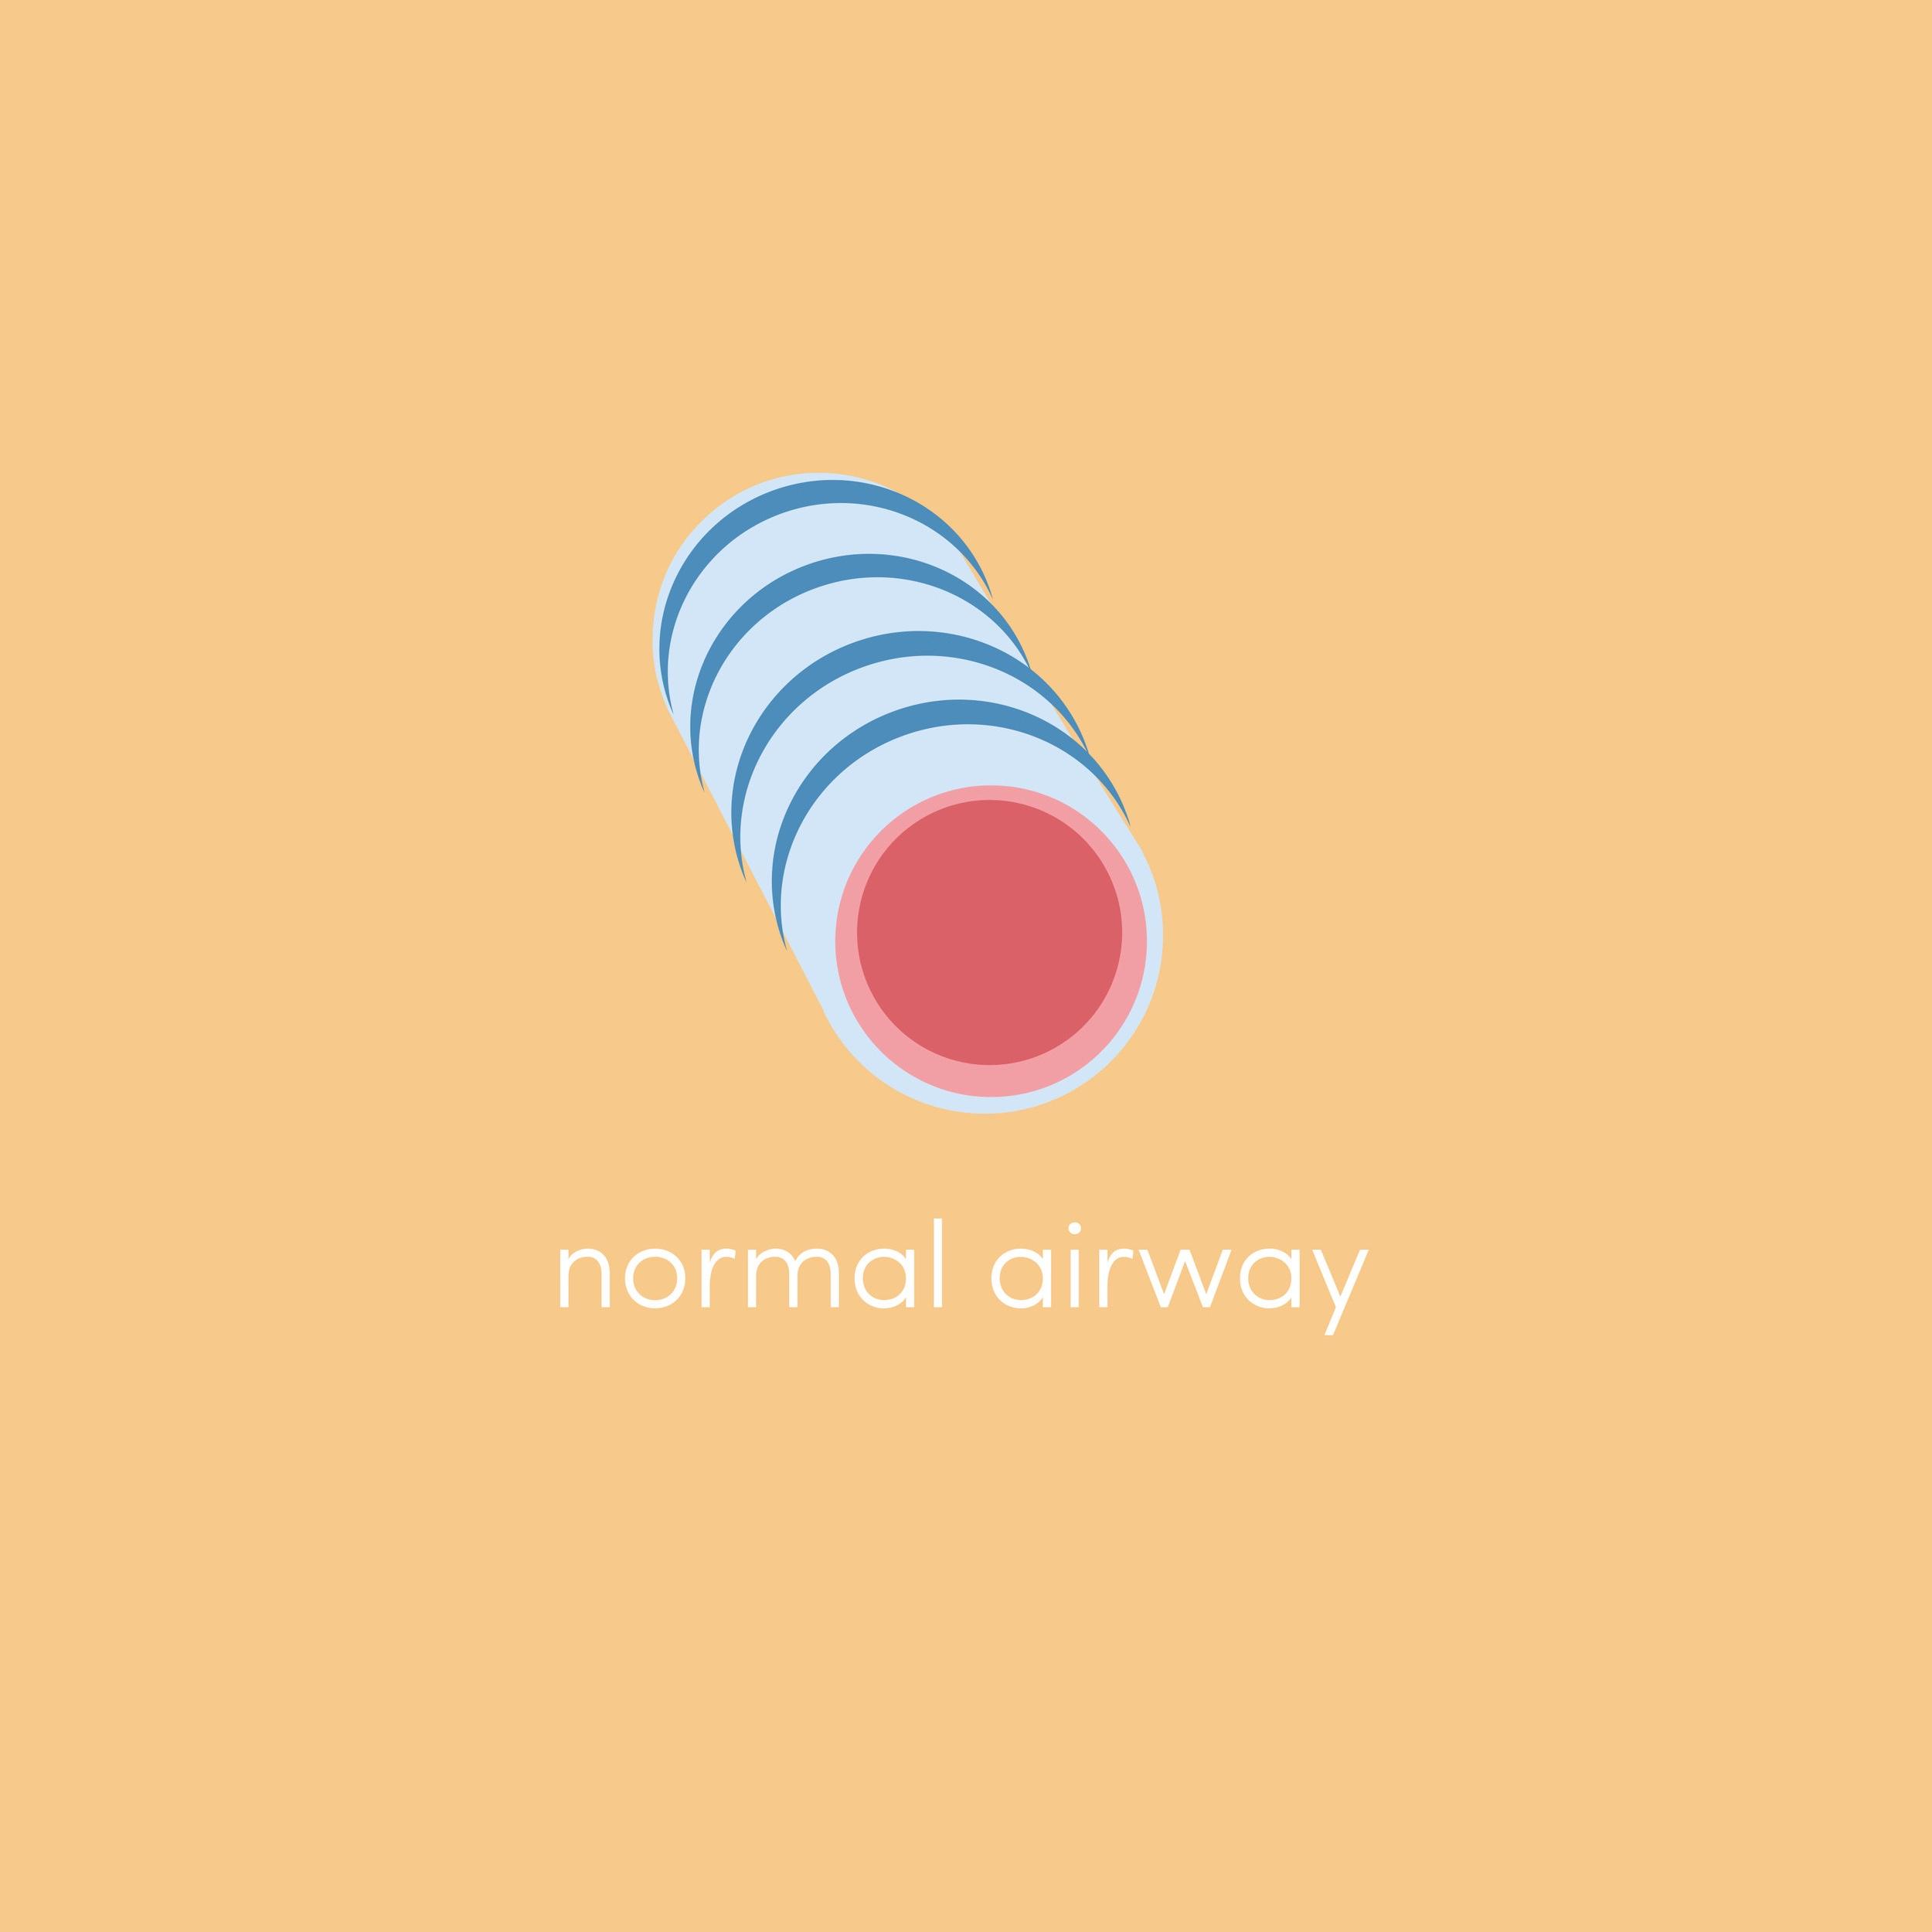 normal airways images.jpg